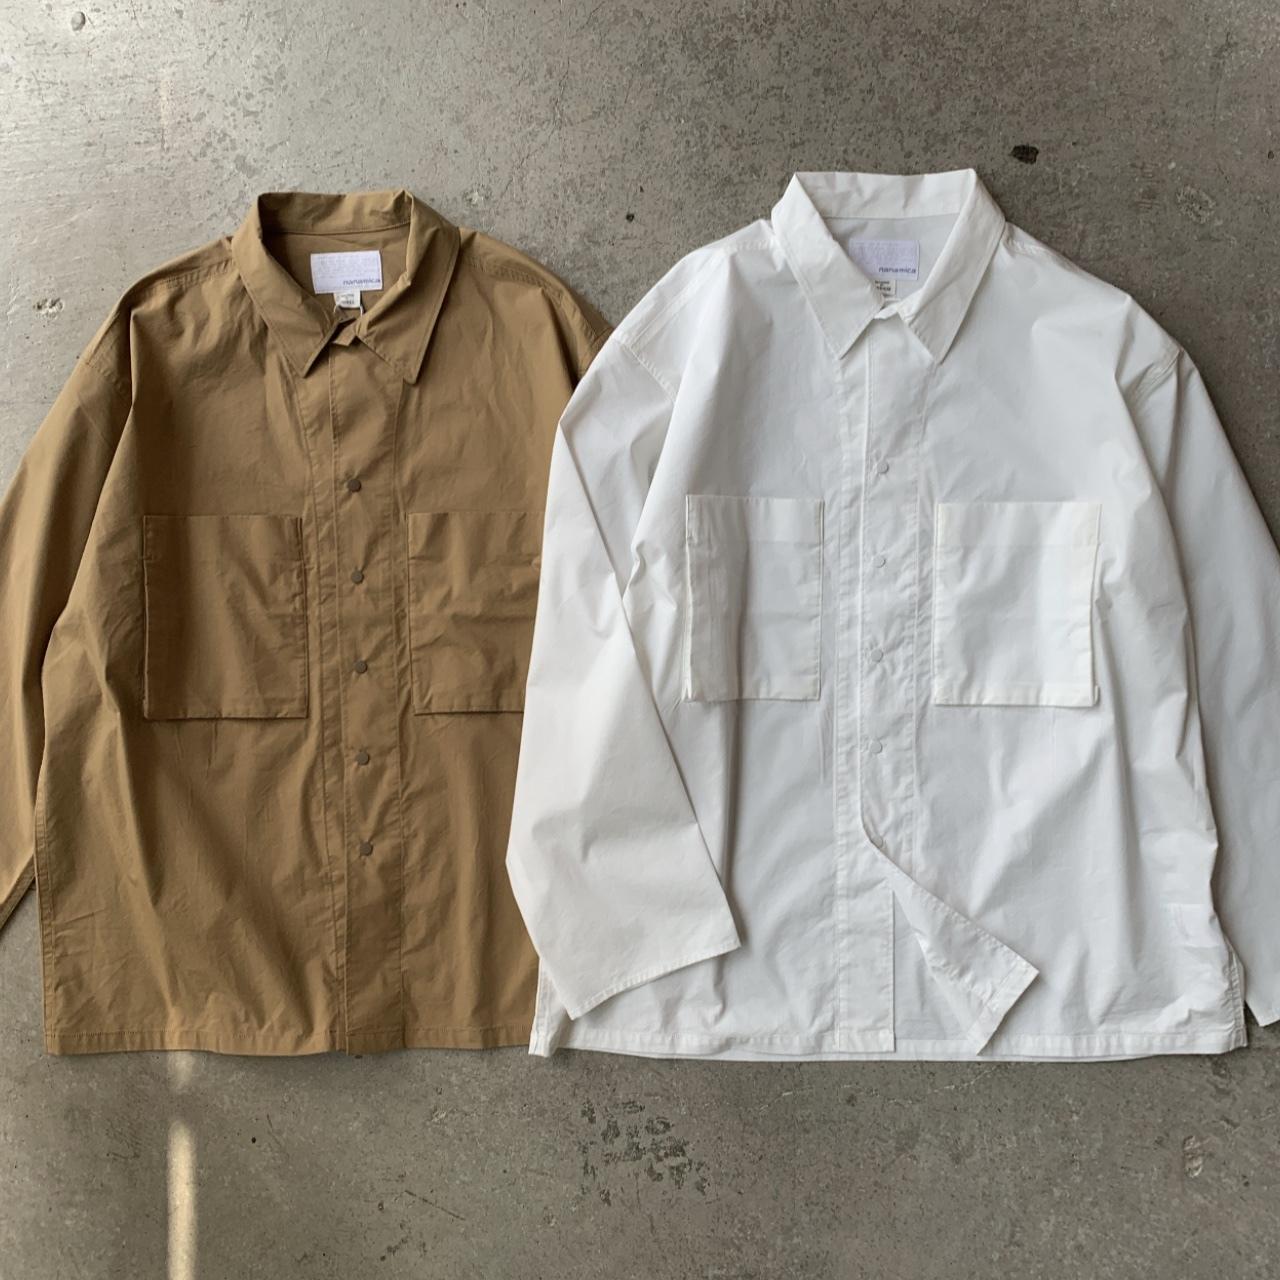 nanamica - Shirt Jacket